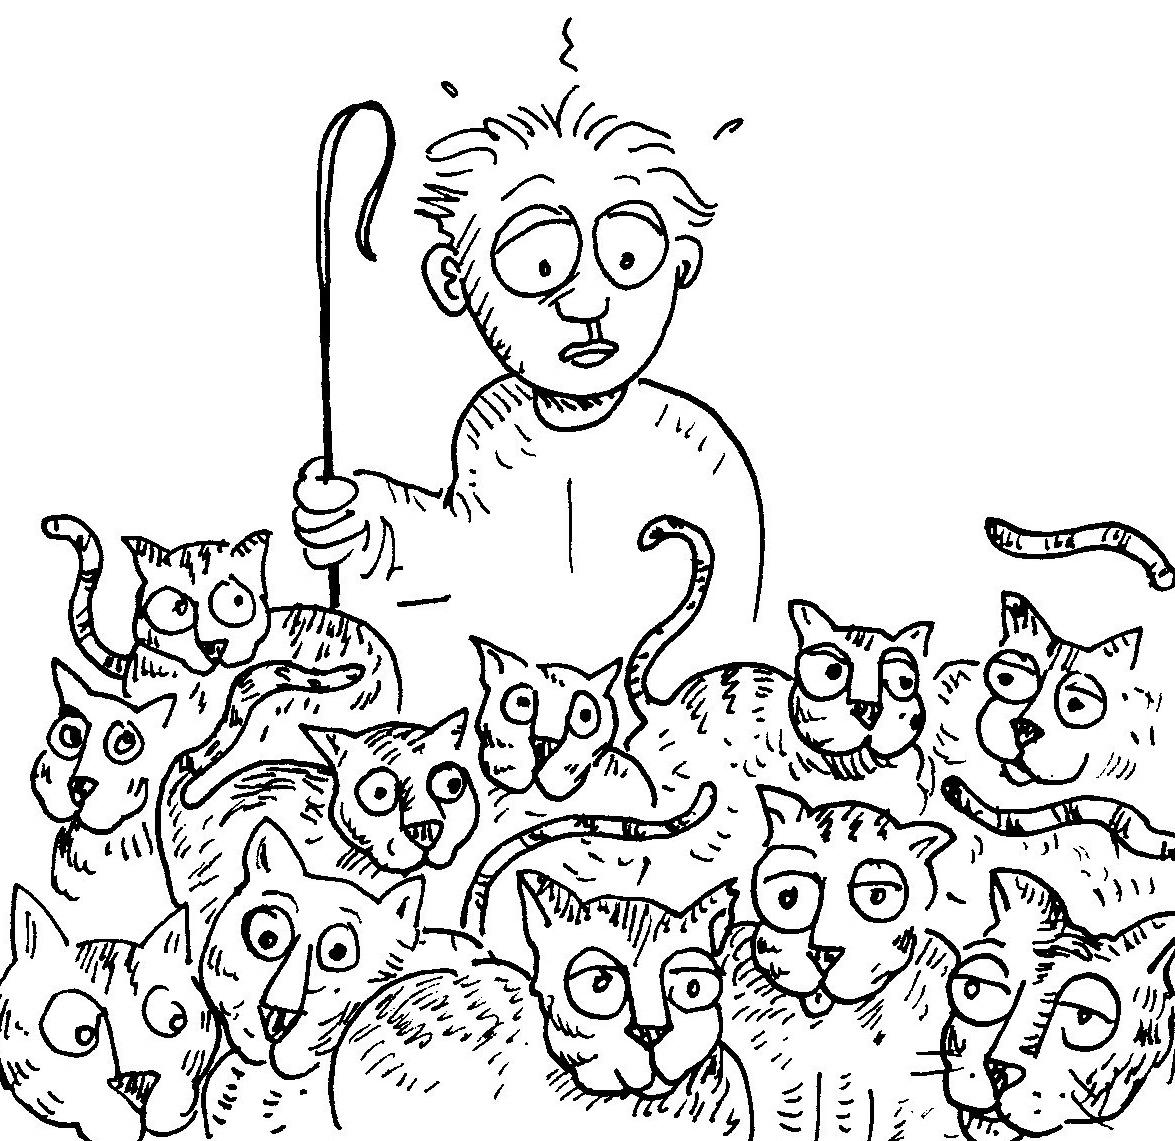 Buribalek Herding Cats